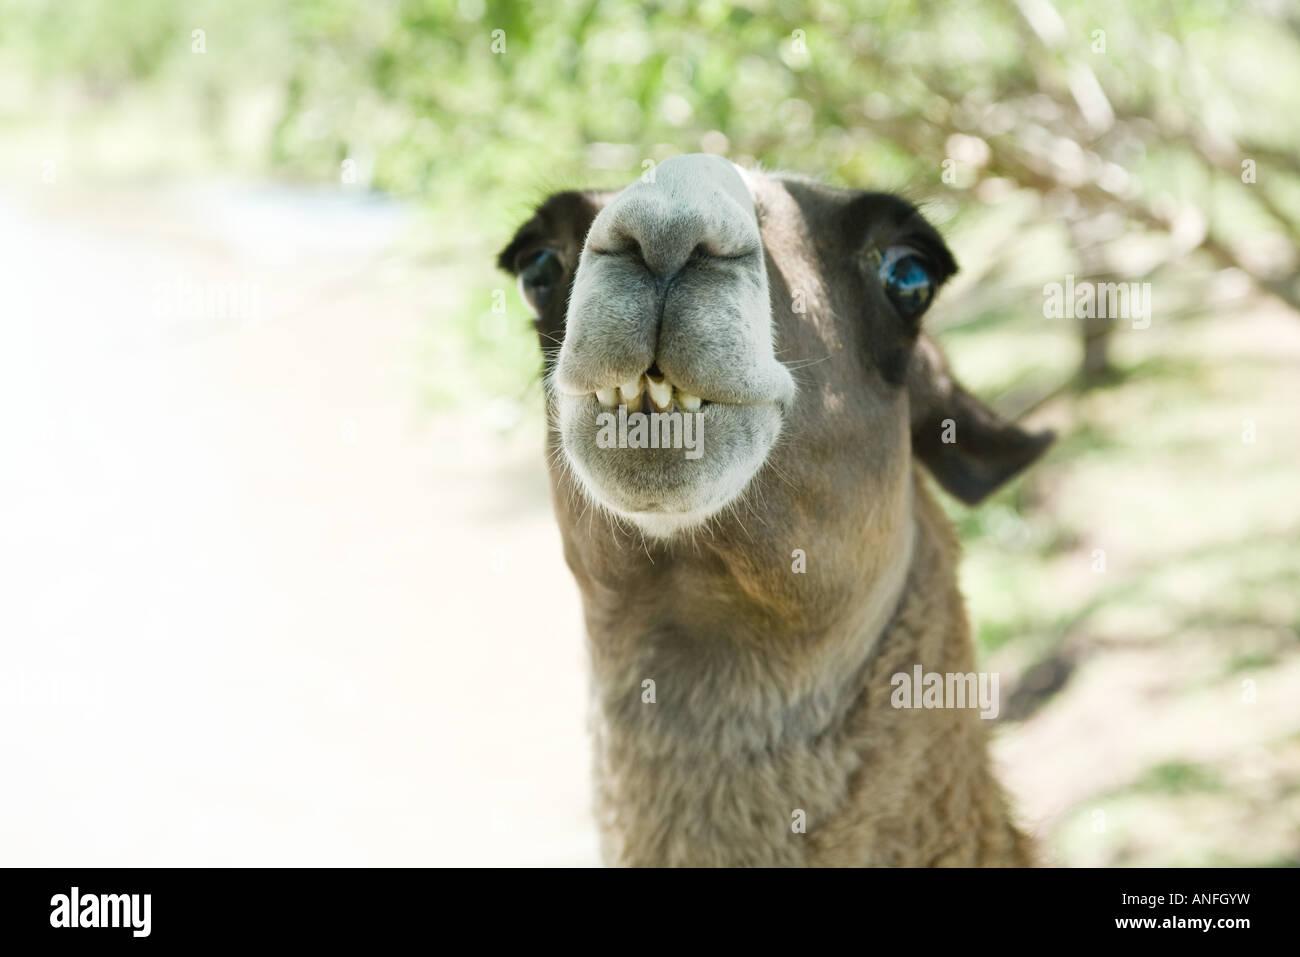 Llama, looking at camera, cropped view - Stock Image